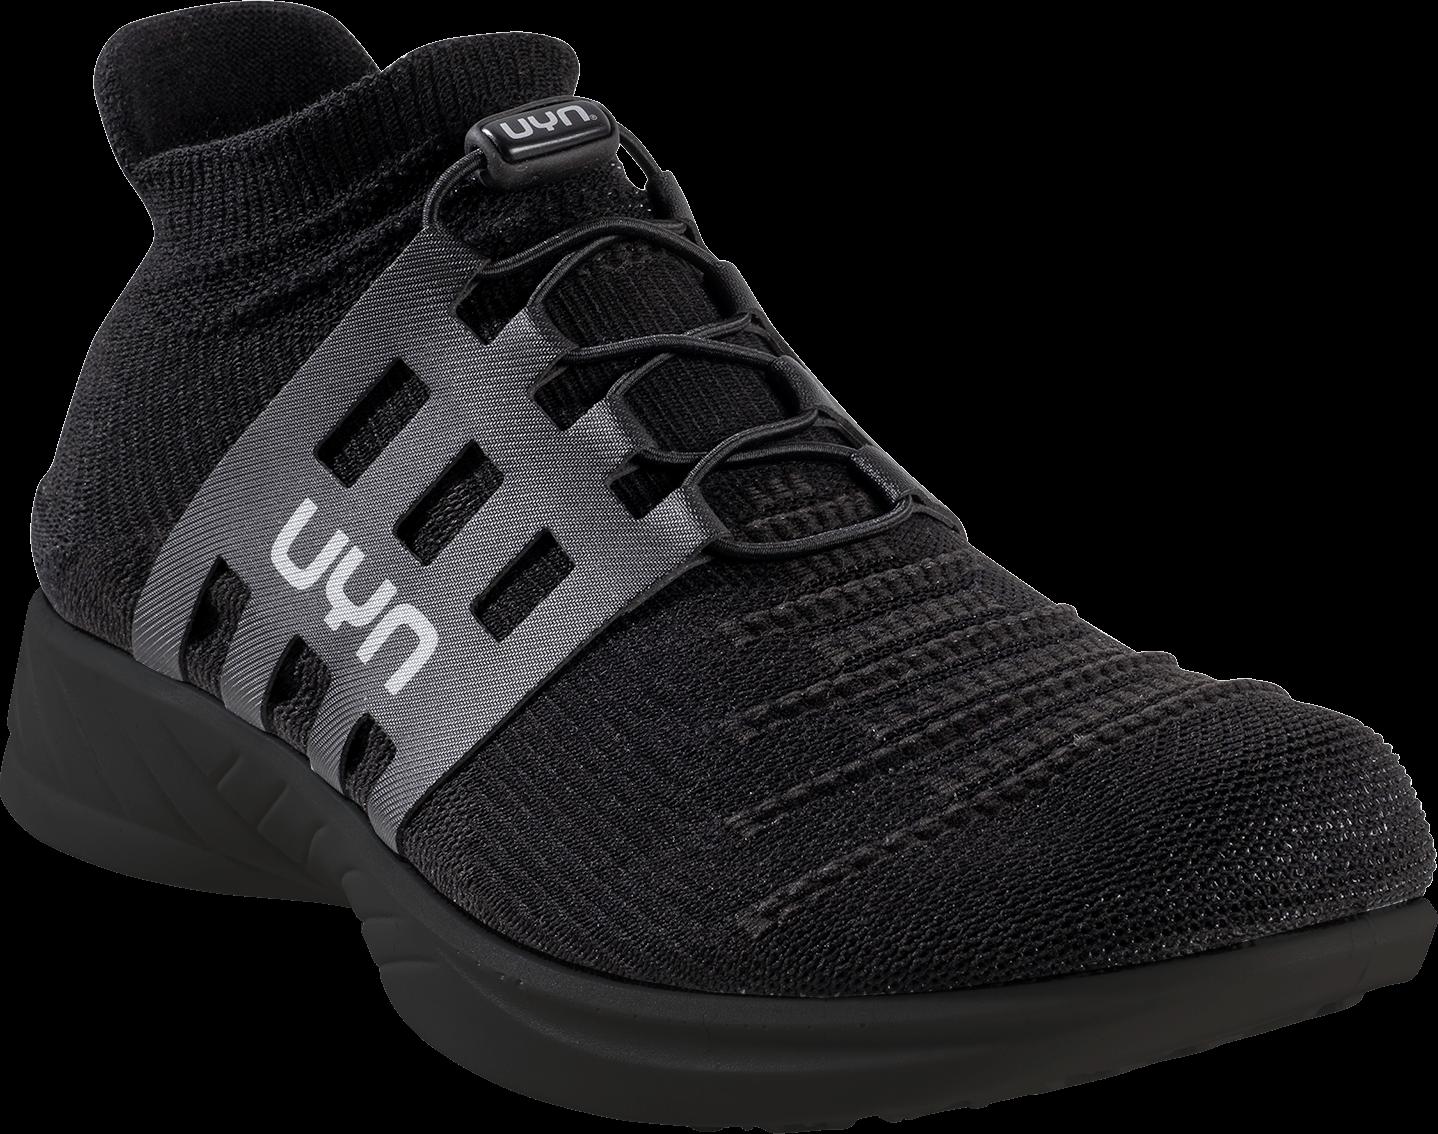 UYN Lady X-Cross Tune Schuh black sole